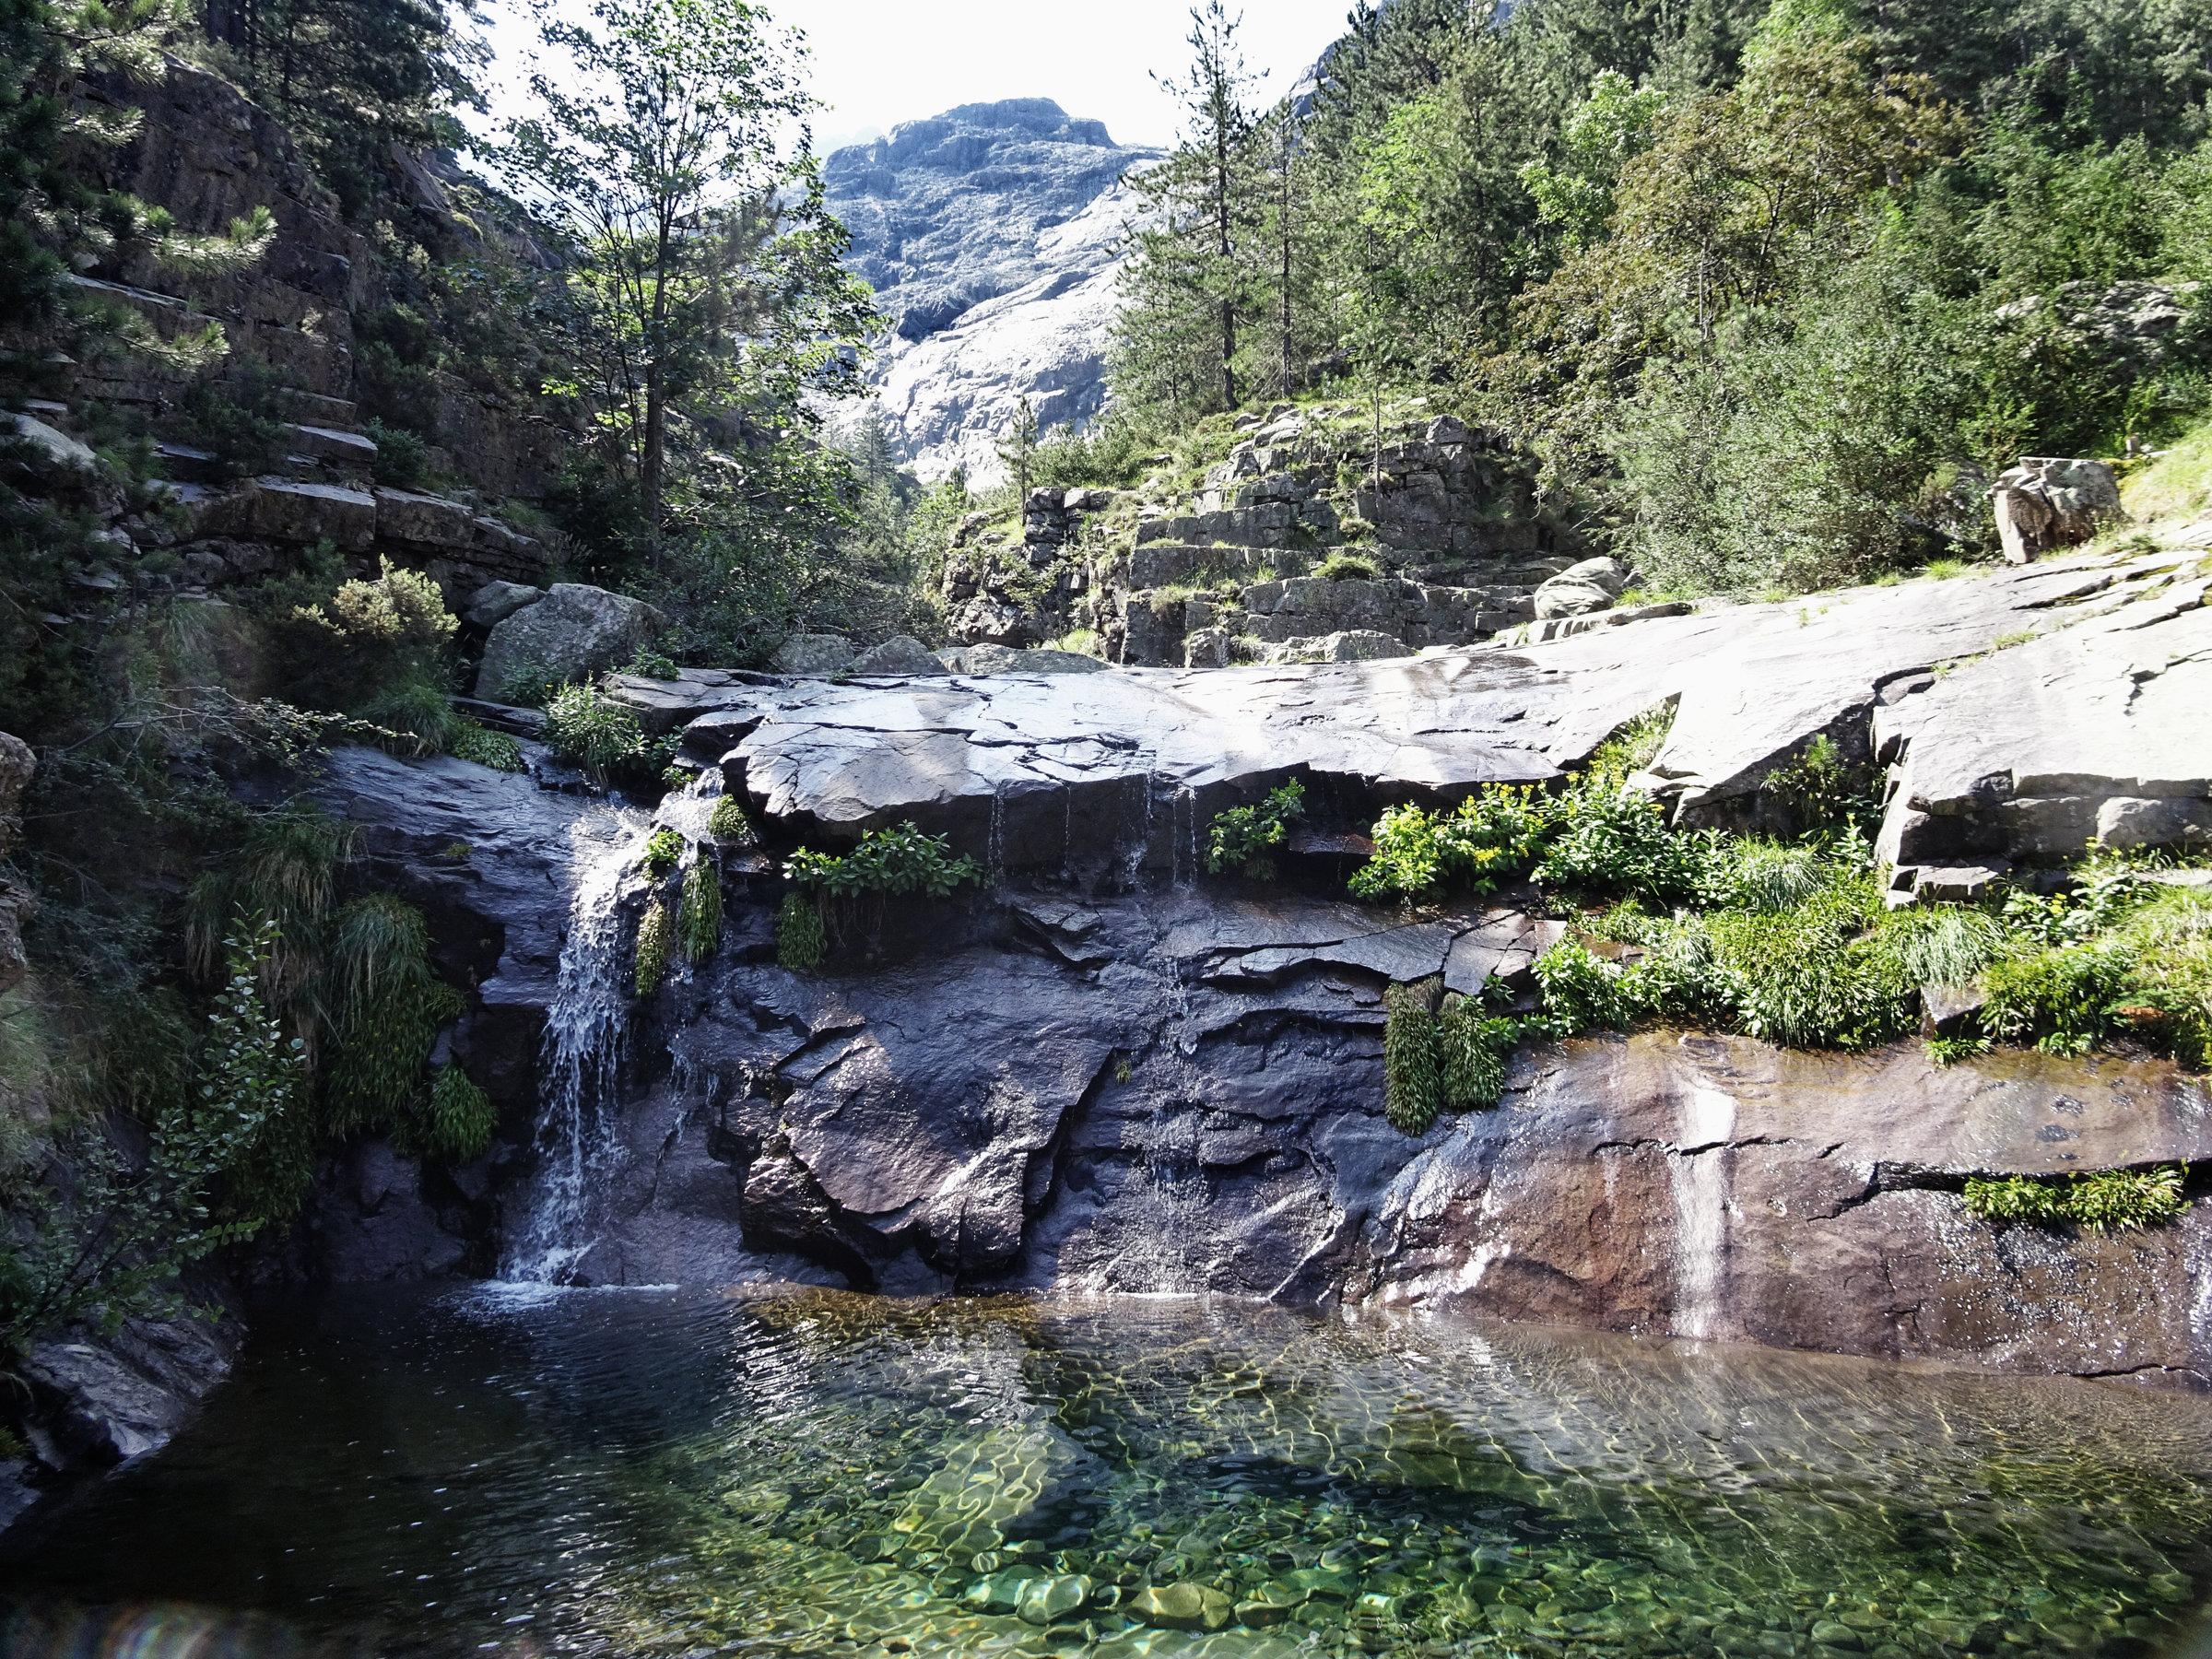 Traumhafte Badegumpen, Korsika, GR20 Weitwanderweg, Wandern, Berge, Frankreich